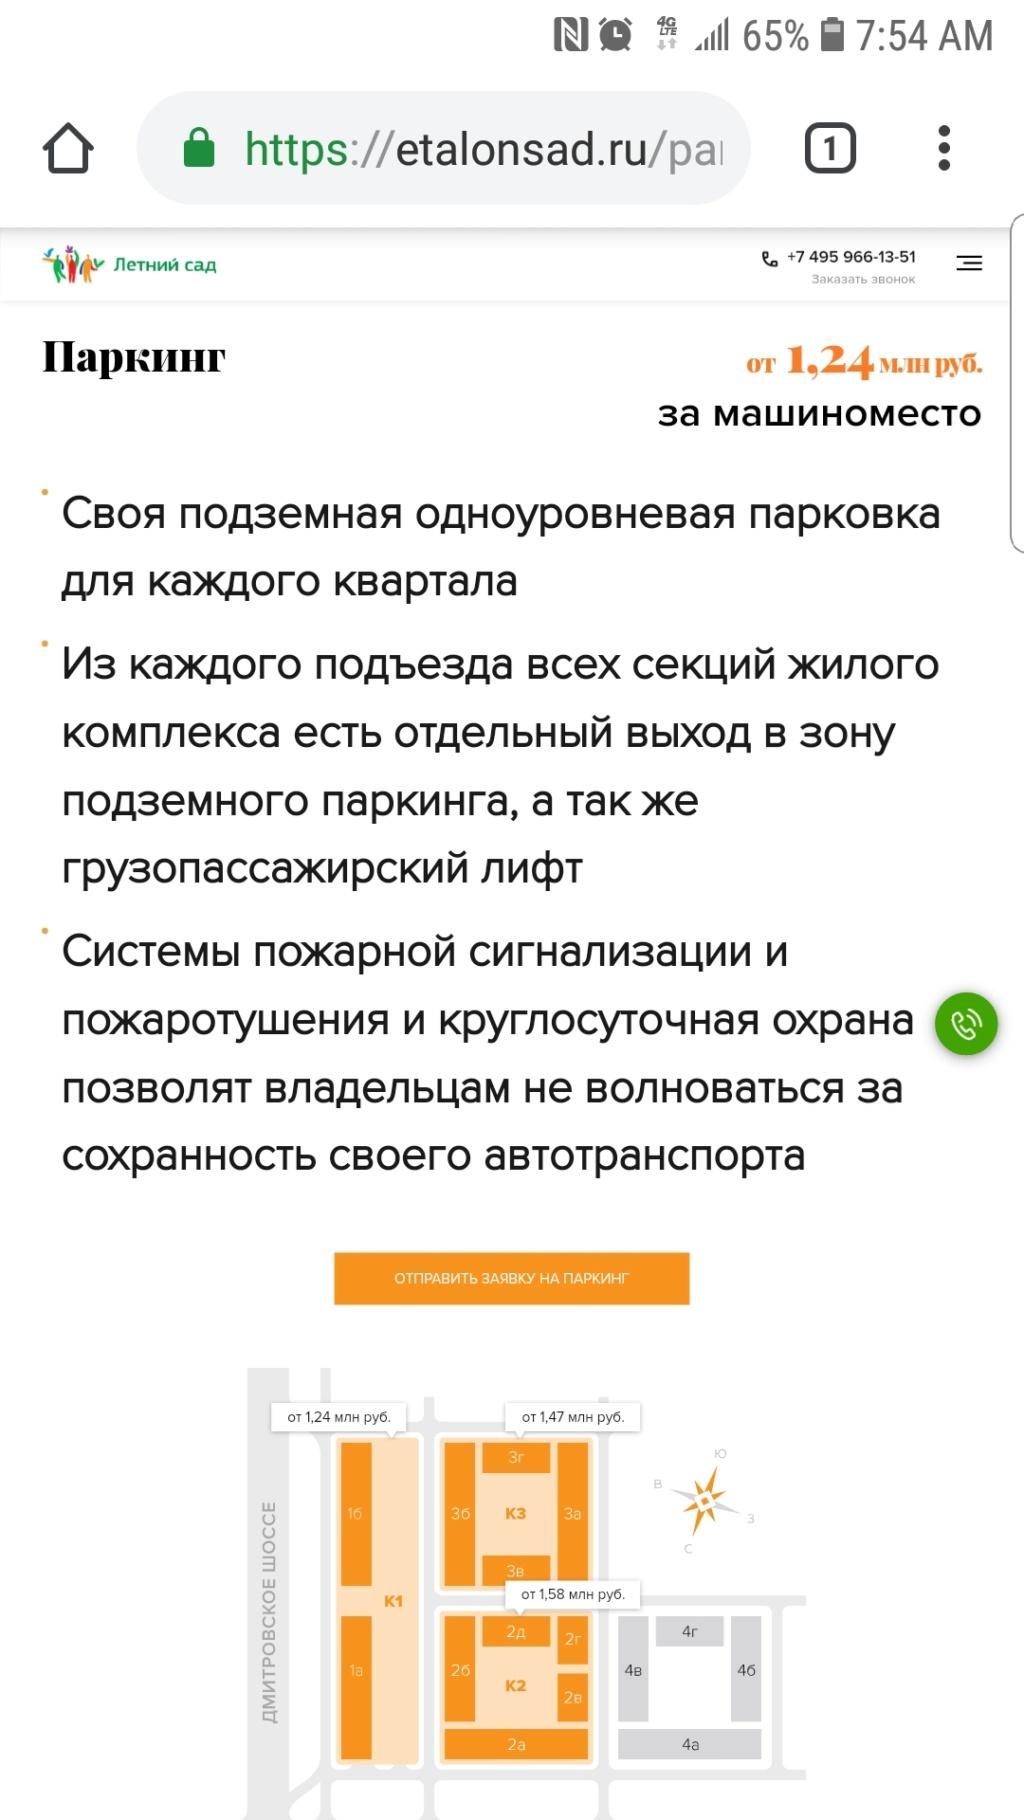 """Парковки в ЖК """"Летний сад"""" - Страница 7 Screen12"""